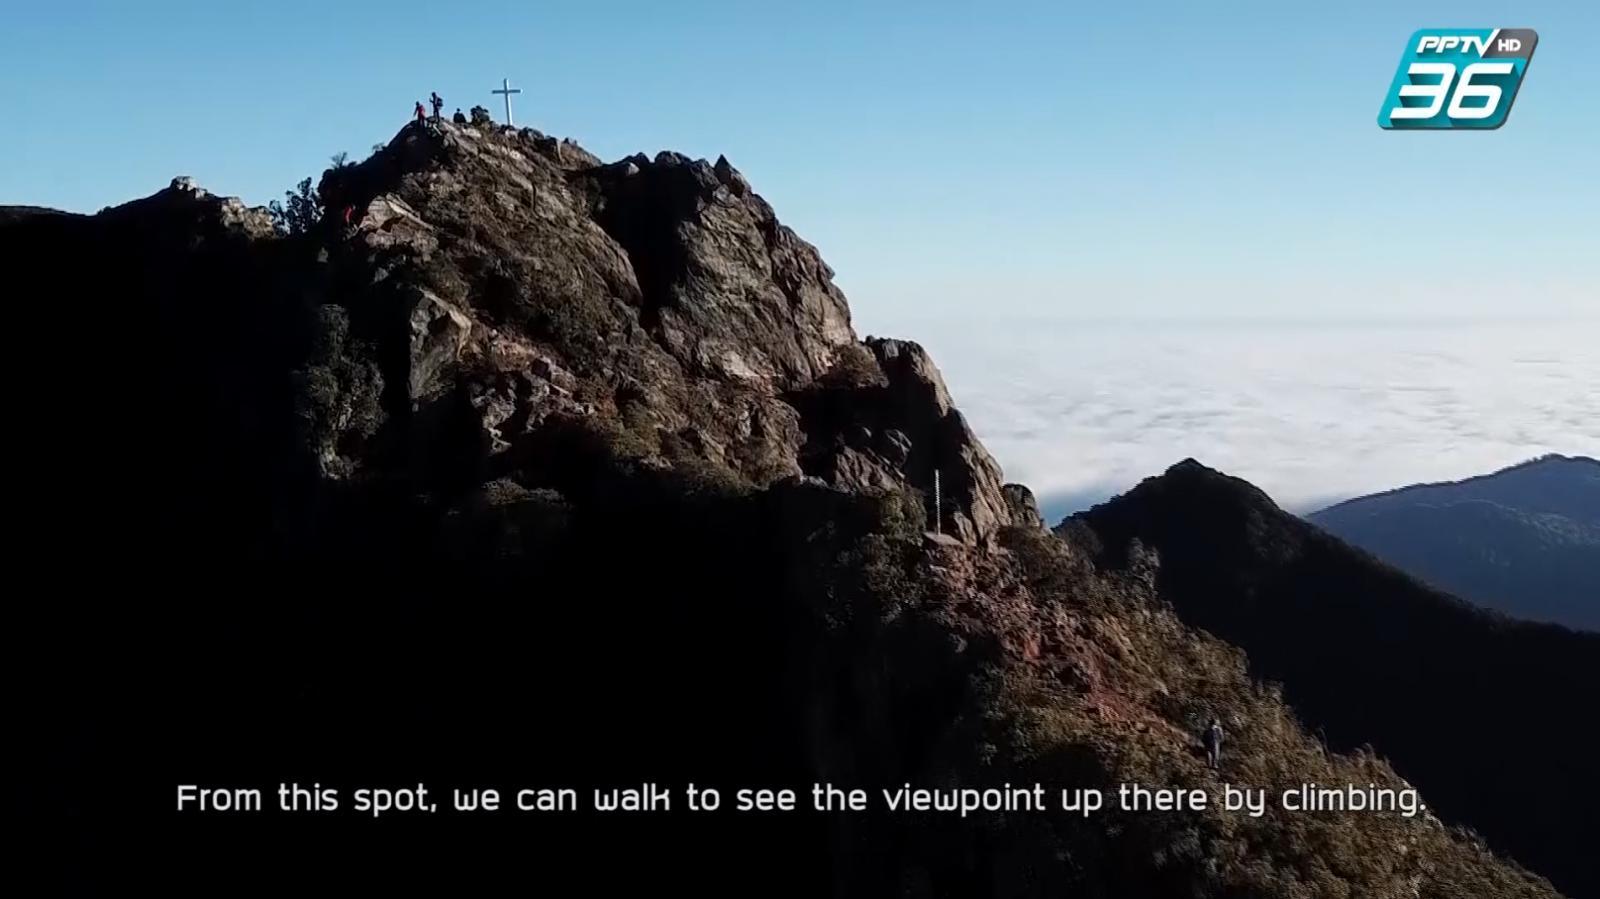 """ชมพระอาทิตย์ขึ้นที่ ภูเขาไฟ """"โวลแคนบารู"""" จุดสูงสุดของปานามา"""